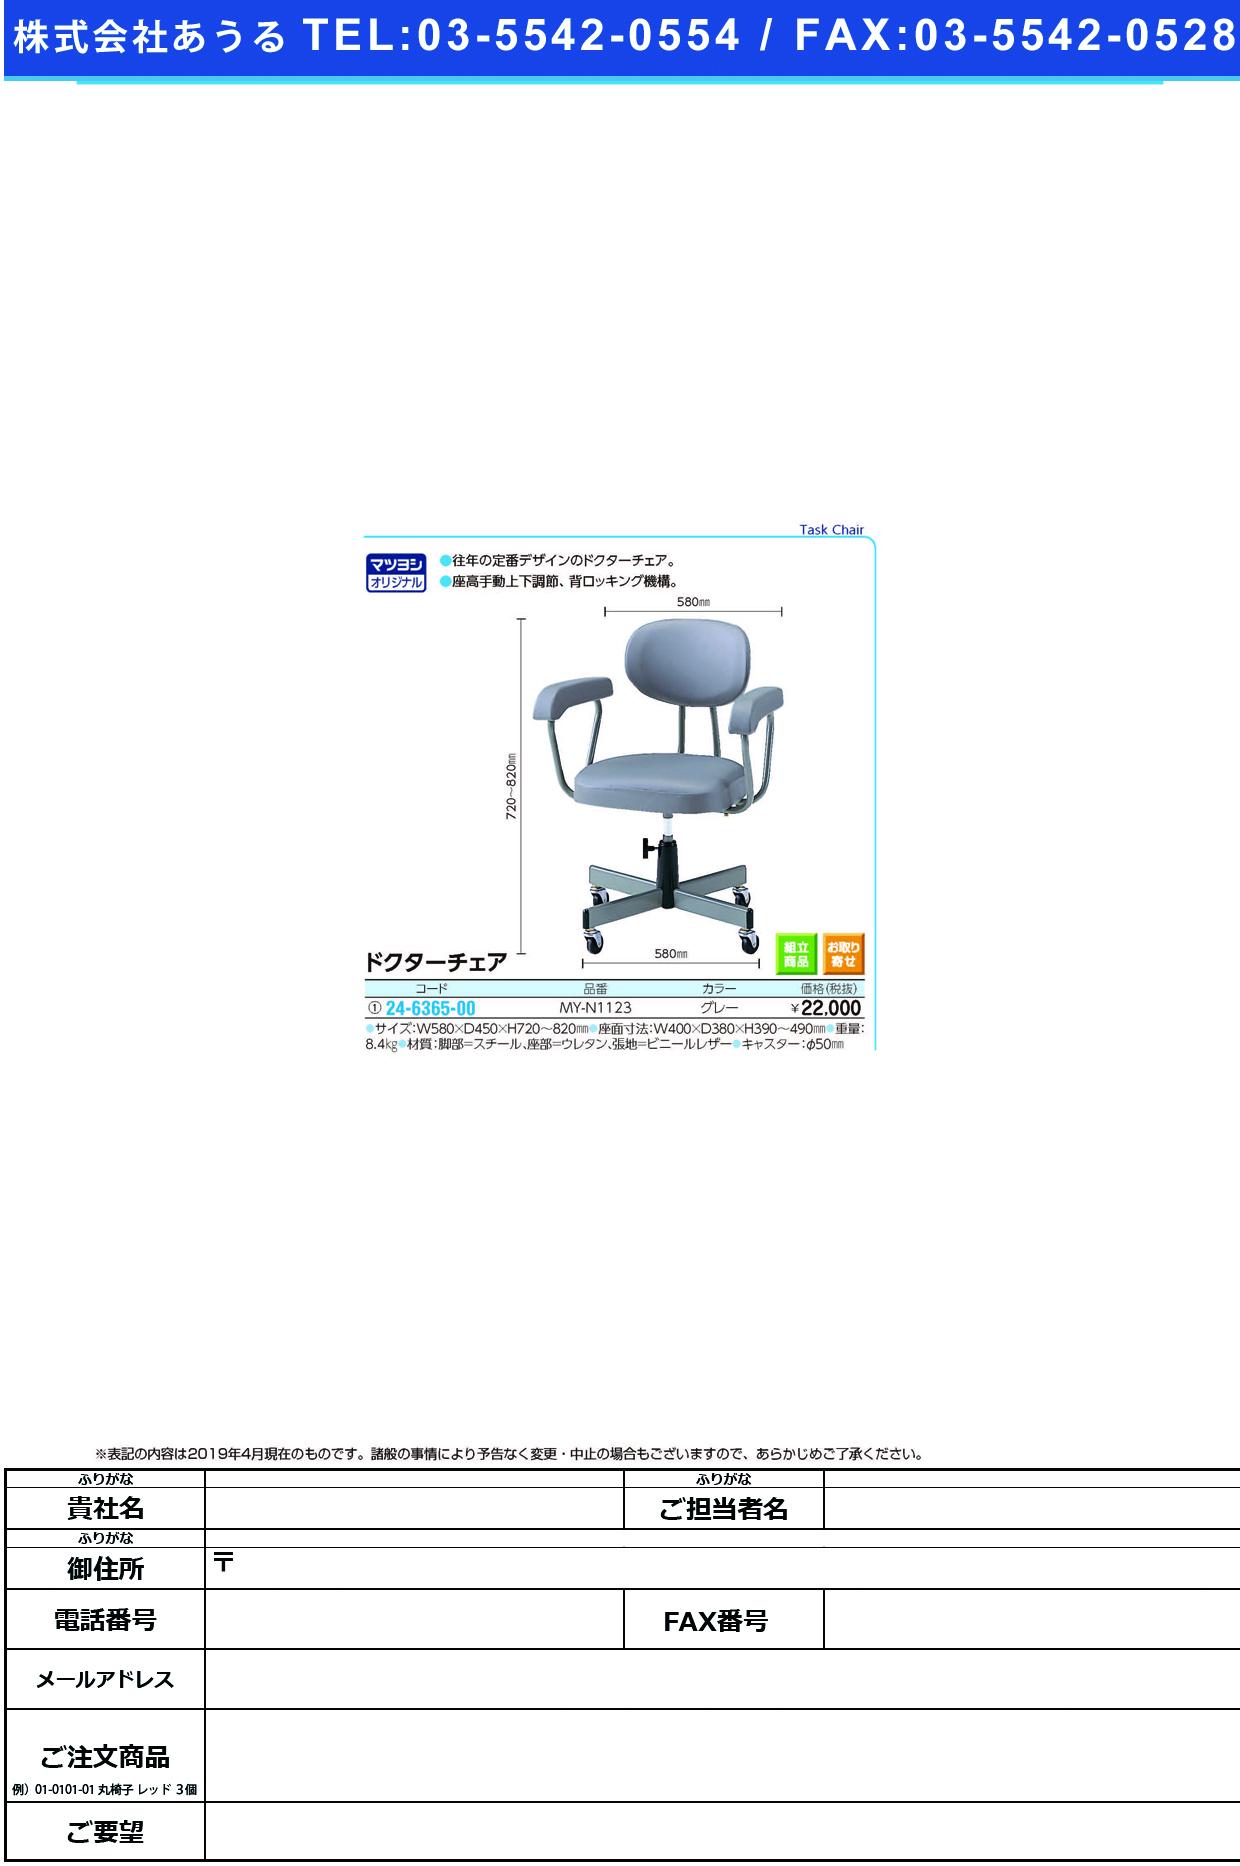 (24-6365-00)ドクターチェア MY-N1123(グレー) ドクターチェア(ノーリツイス)【1台単位】【2019年カタログ商品】